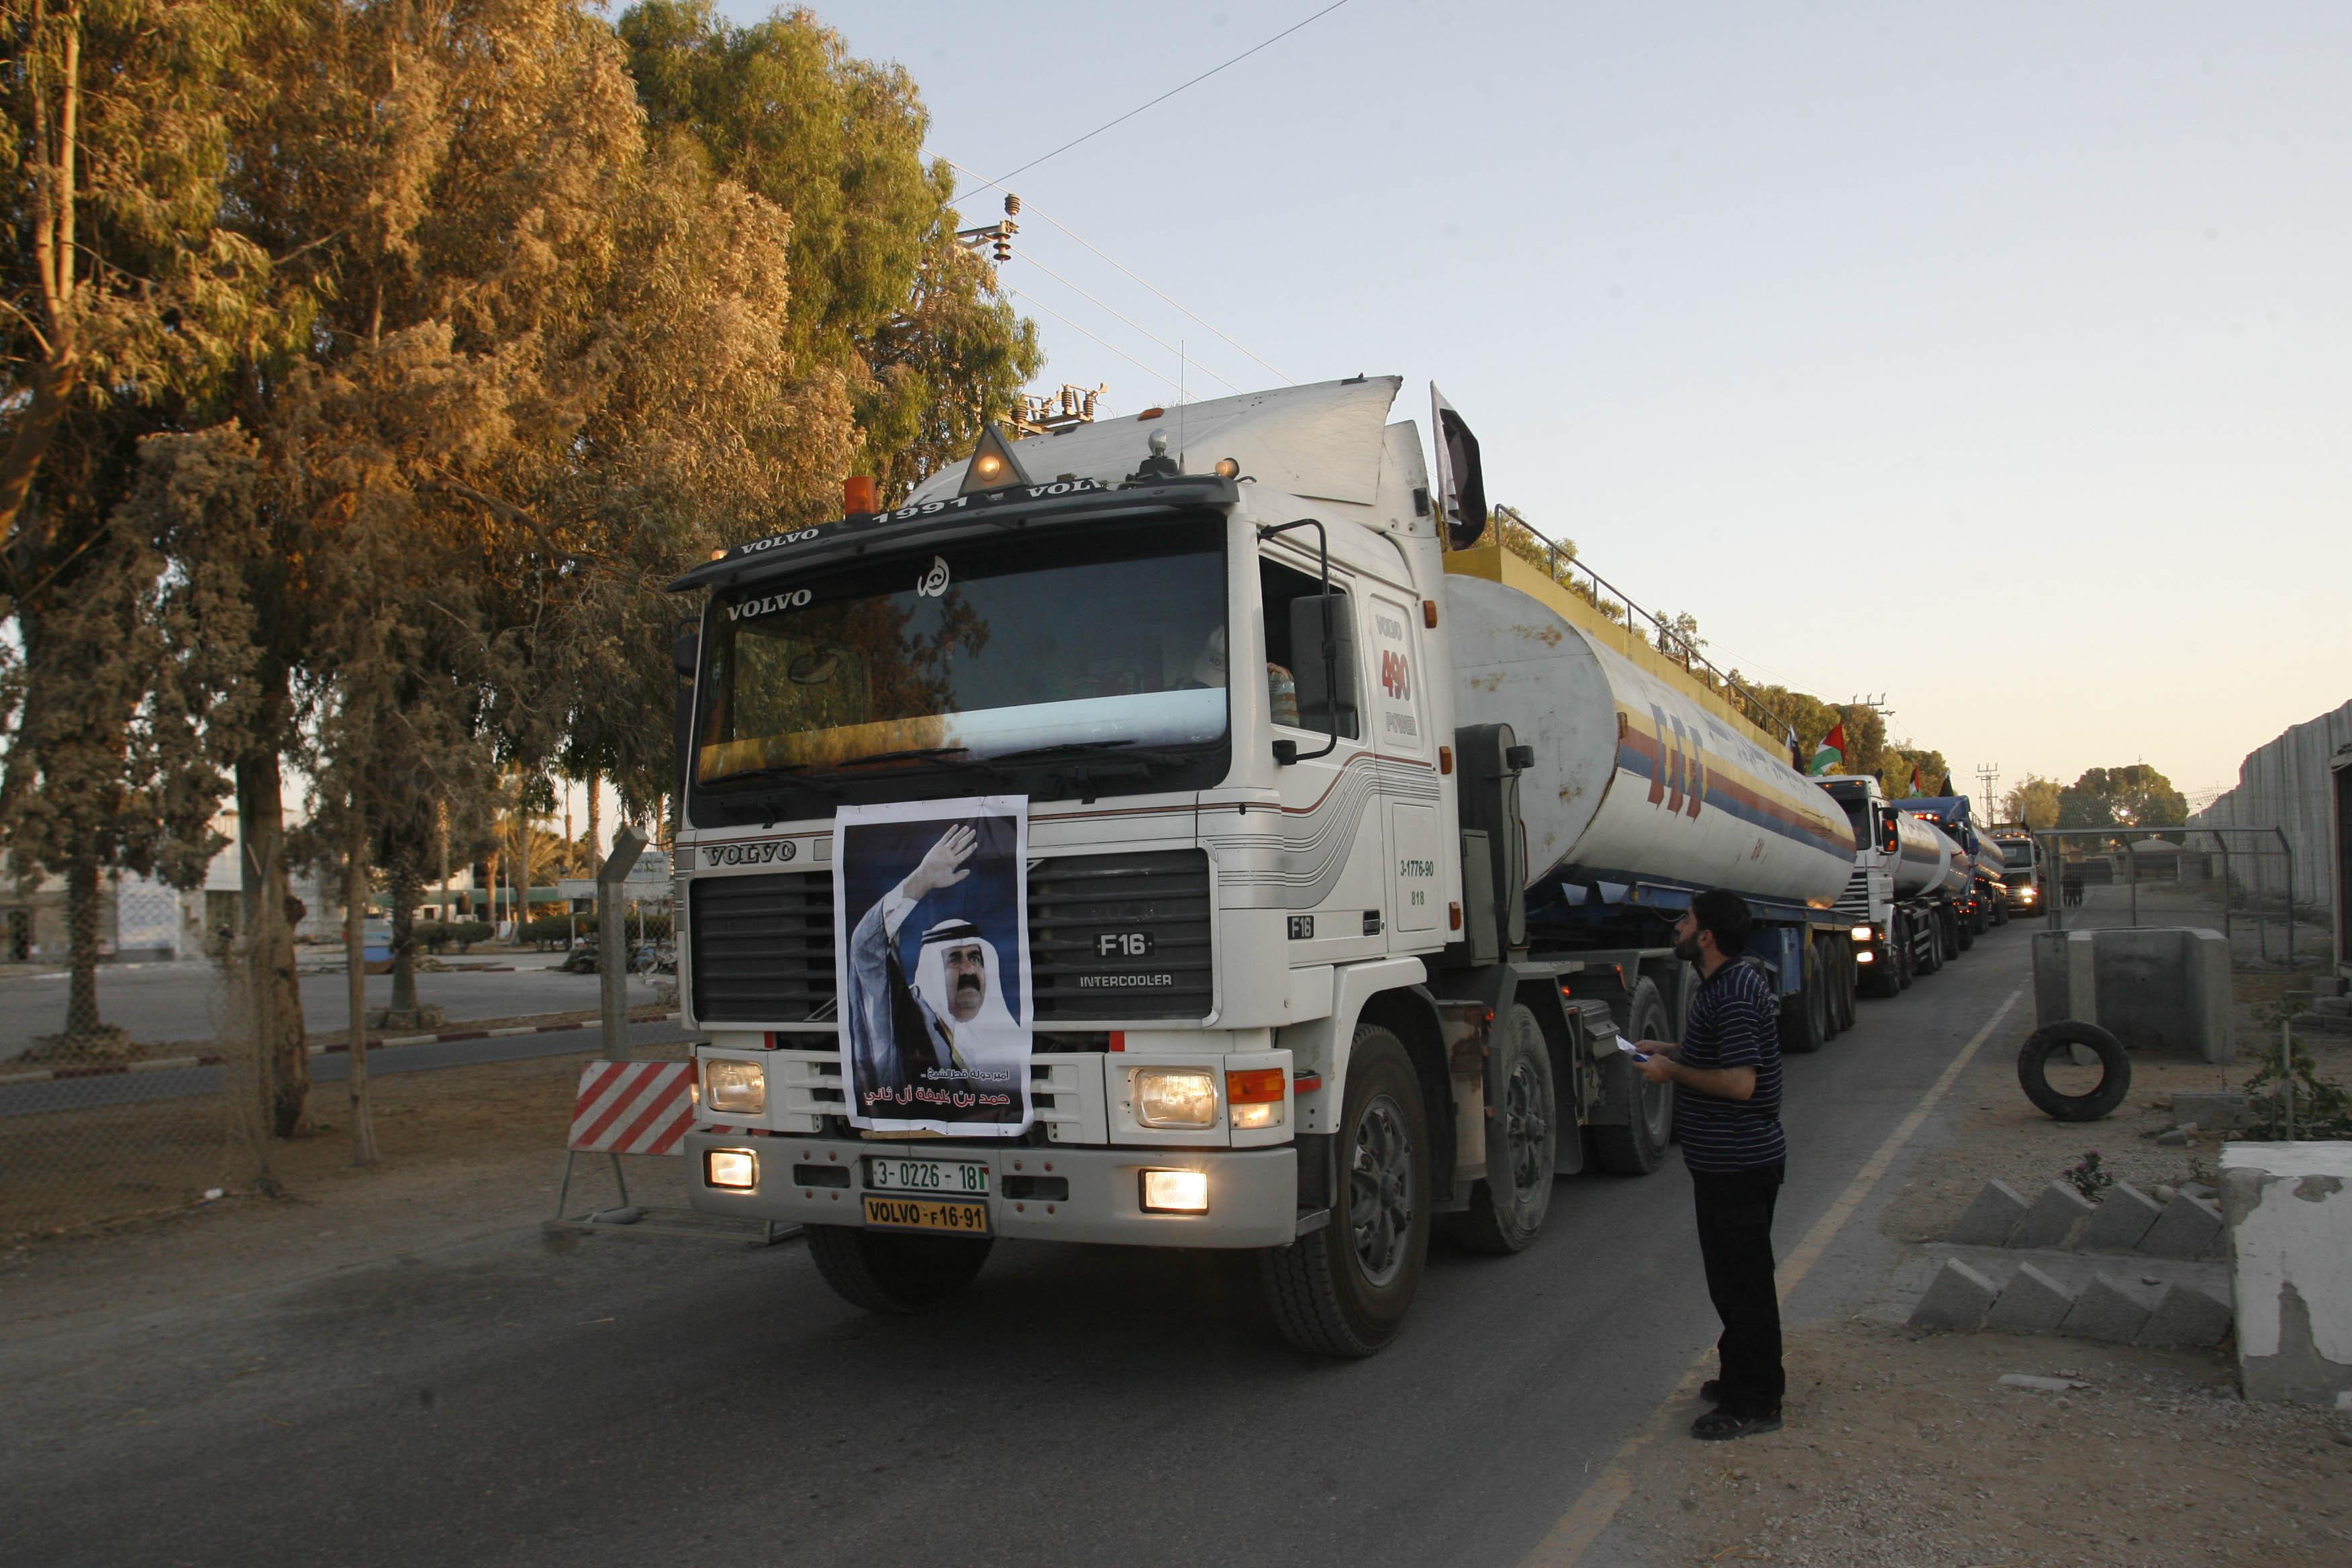 الإذاعة العبرية: ادخال الوقود القطري إلى قطاع غزة رغم معارضة السلطة